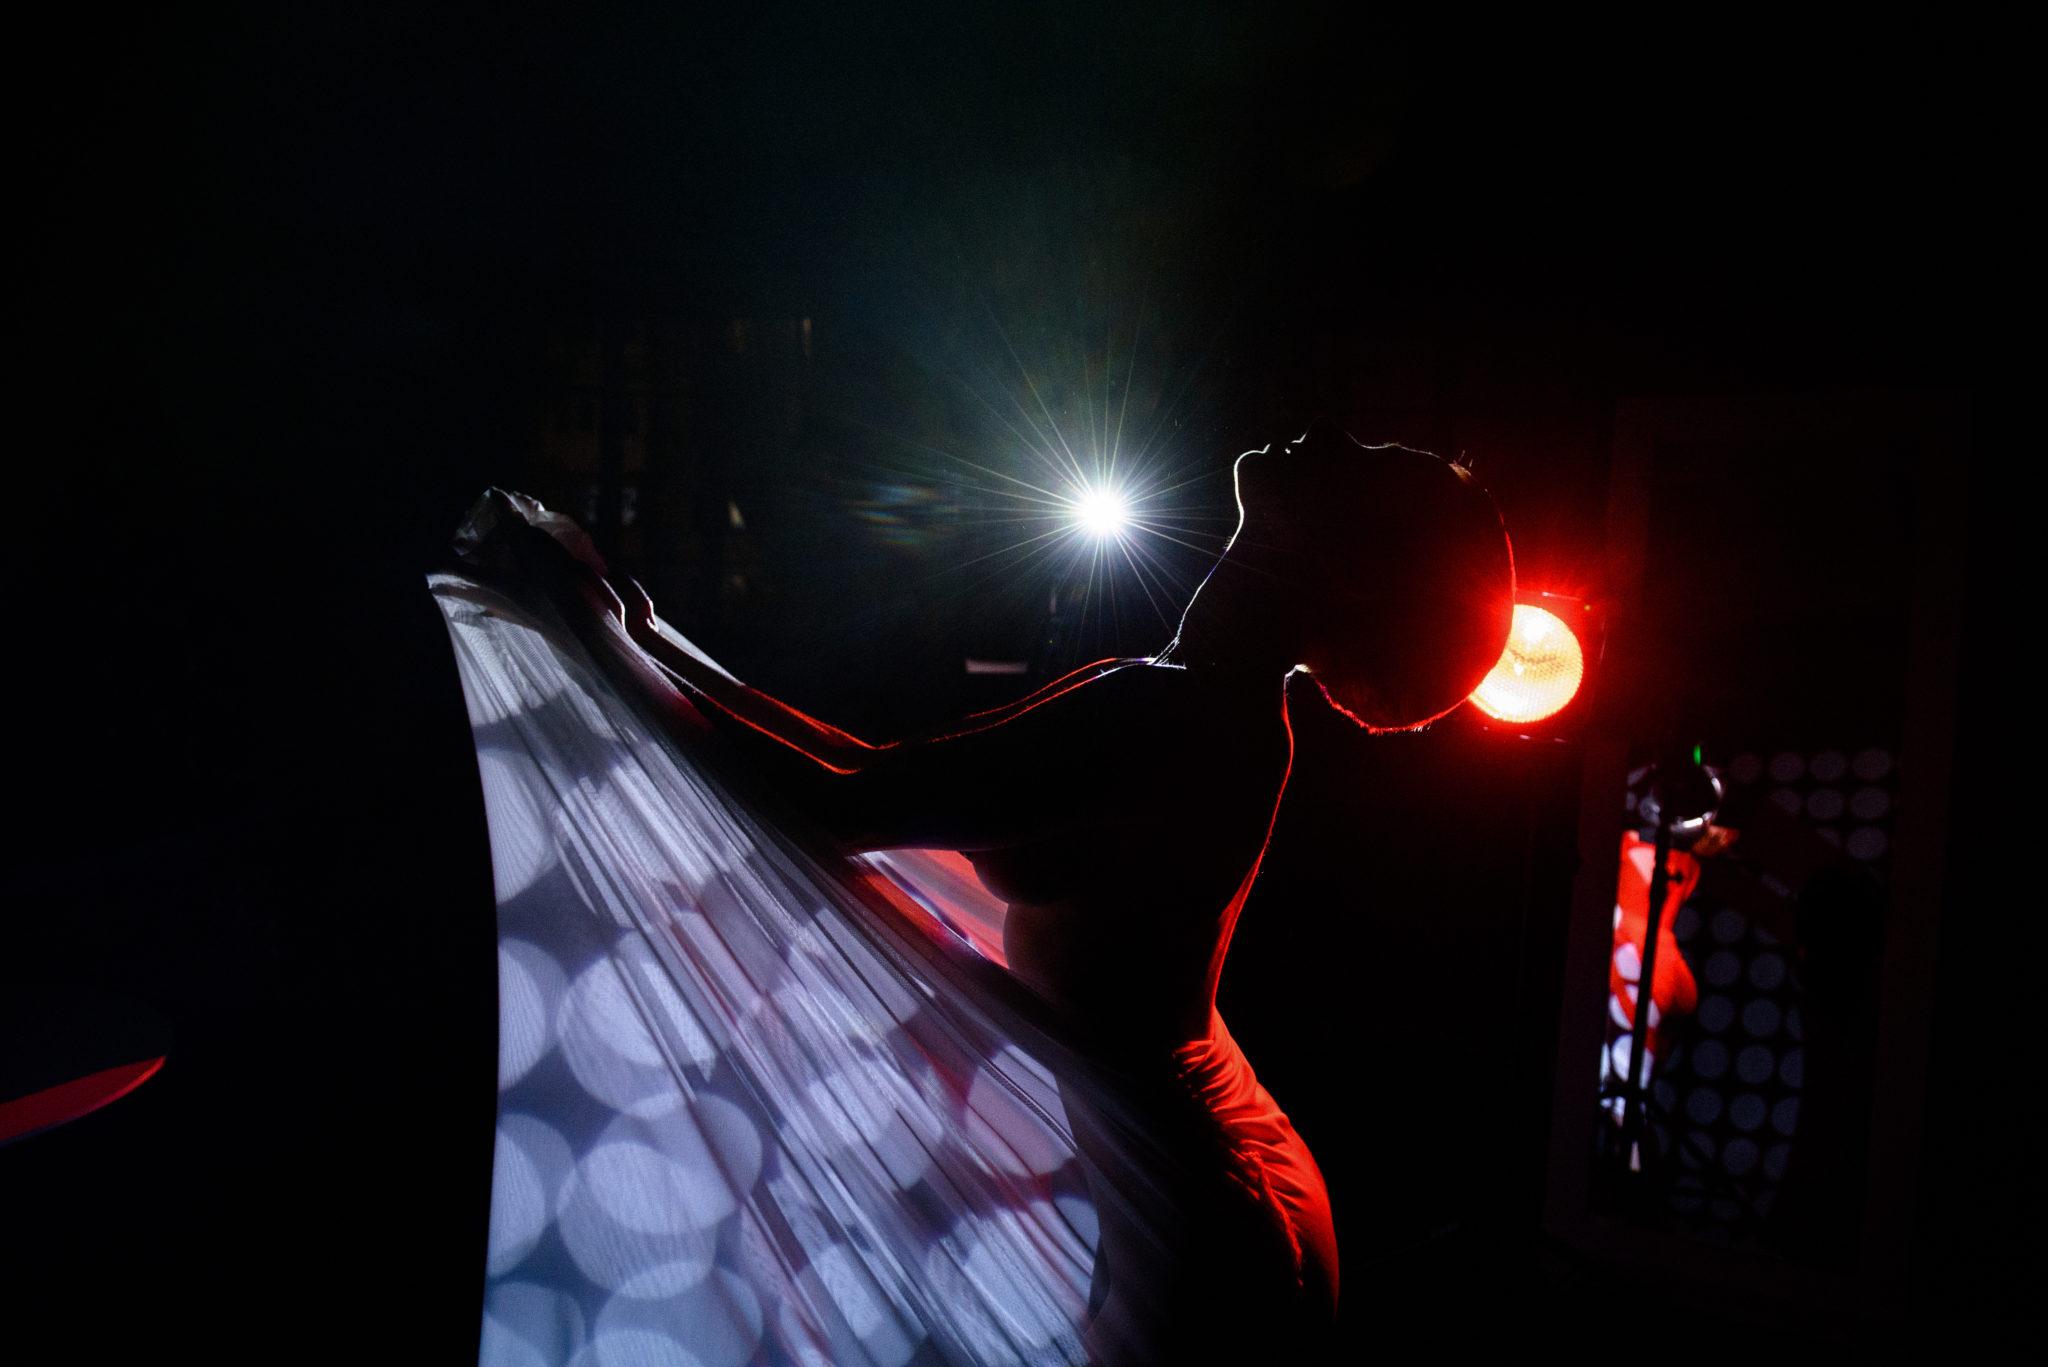 Портфолио ню фотосессии, фотограф Алиса Постниковой, модель Валерия Ионеску, замотанная в белую ткань на фоне прожектора